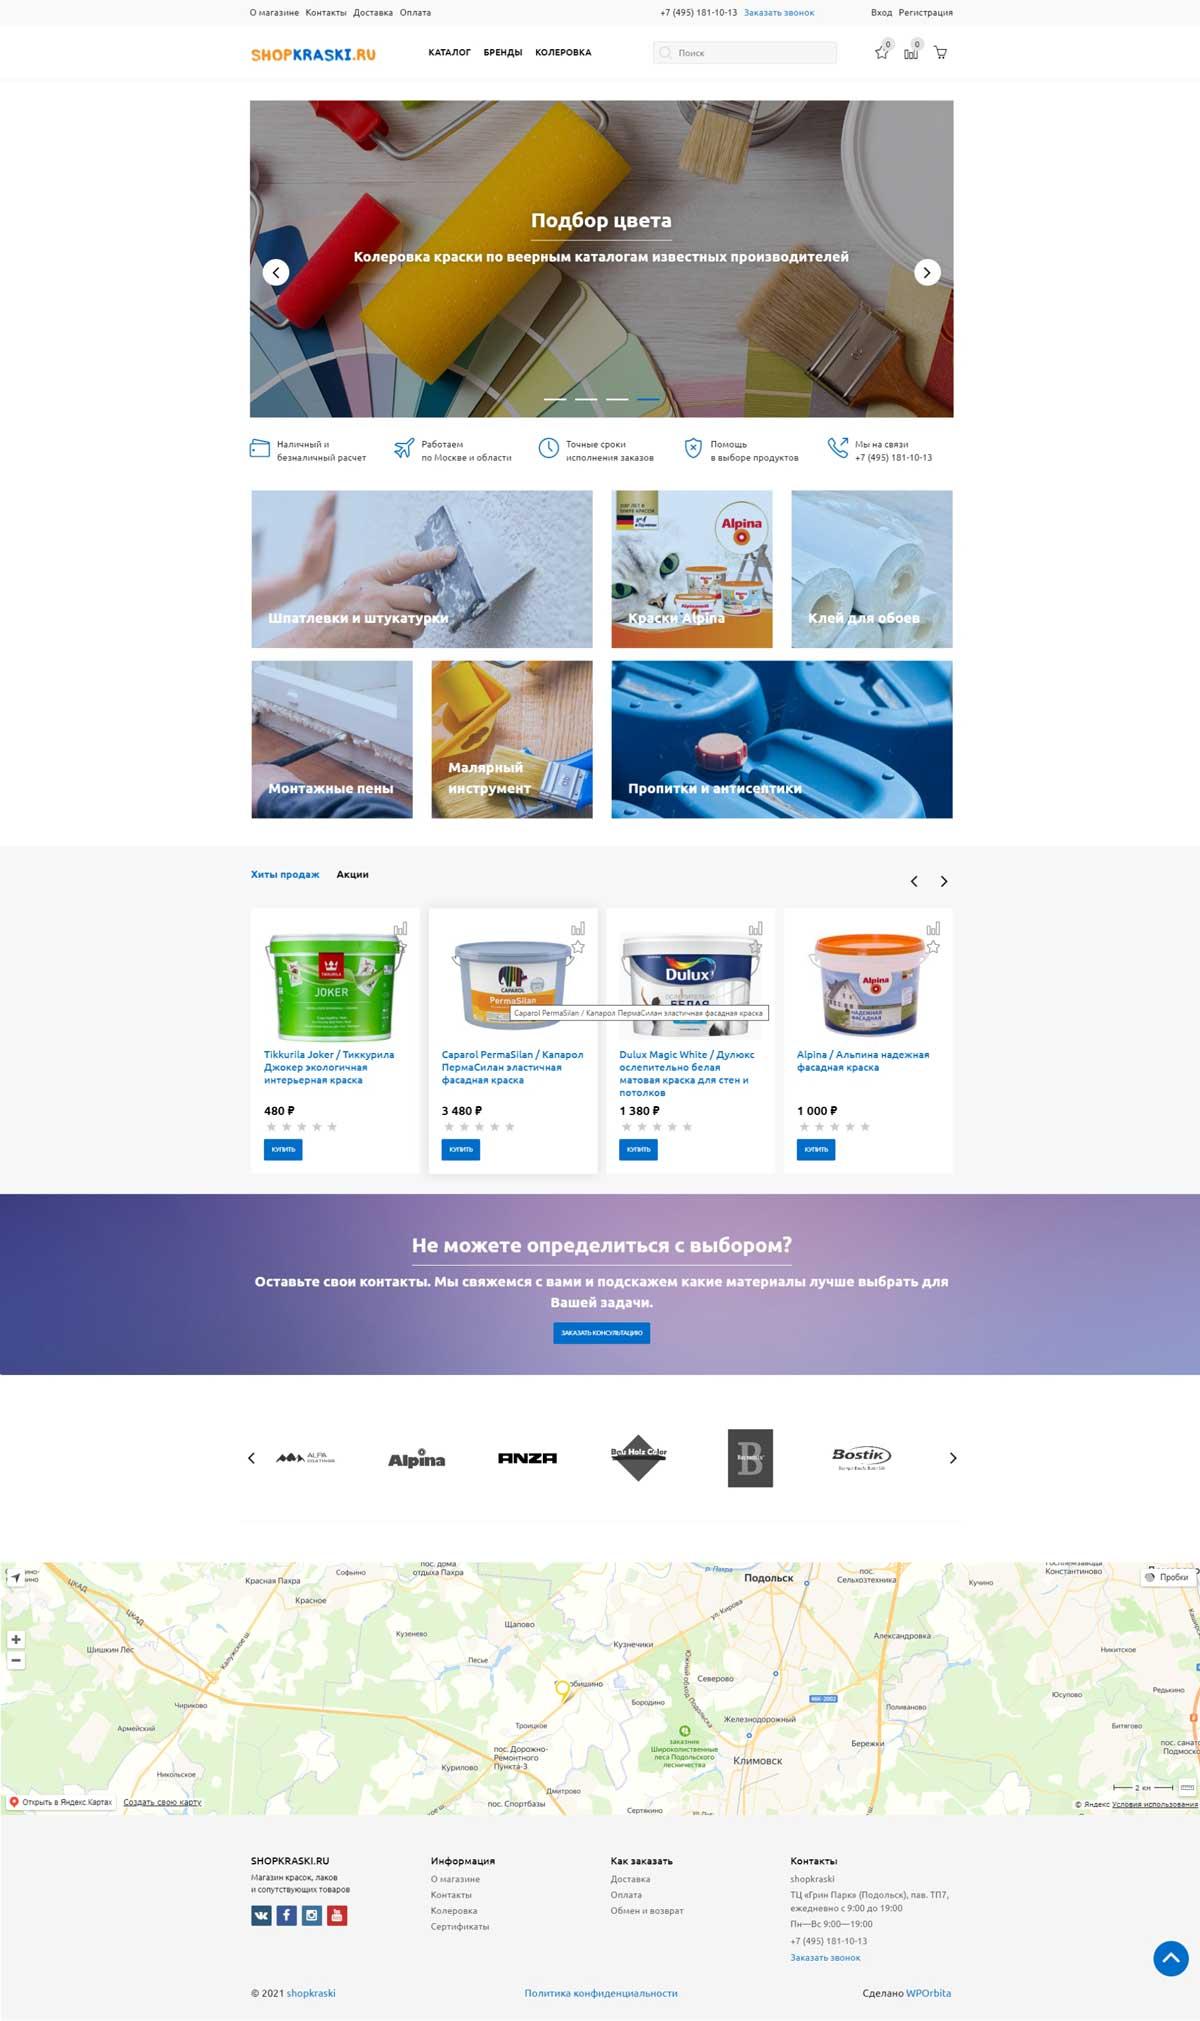 Превью домашней страницы сайта shopkraski.ru